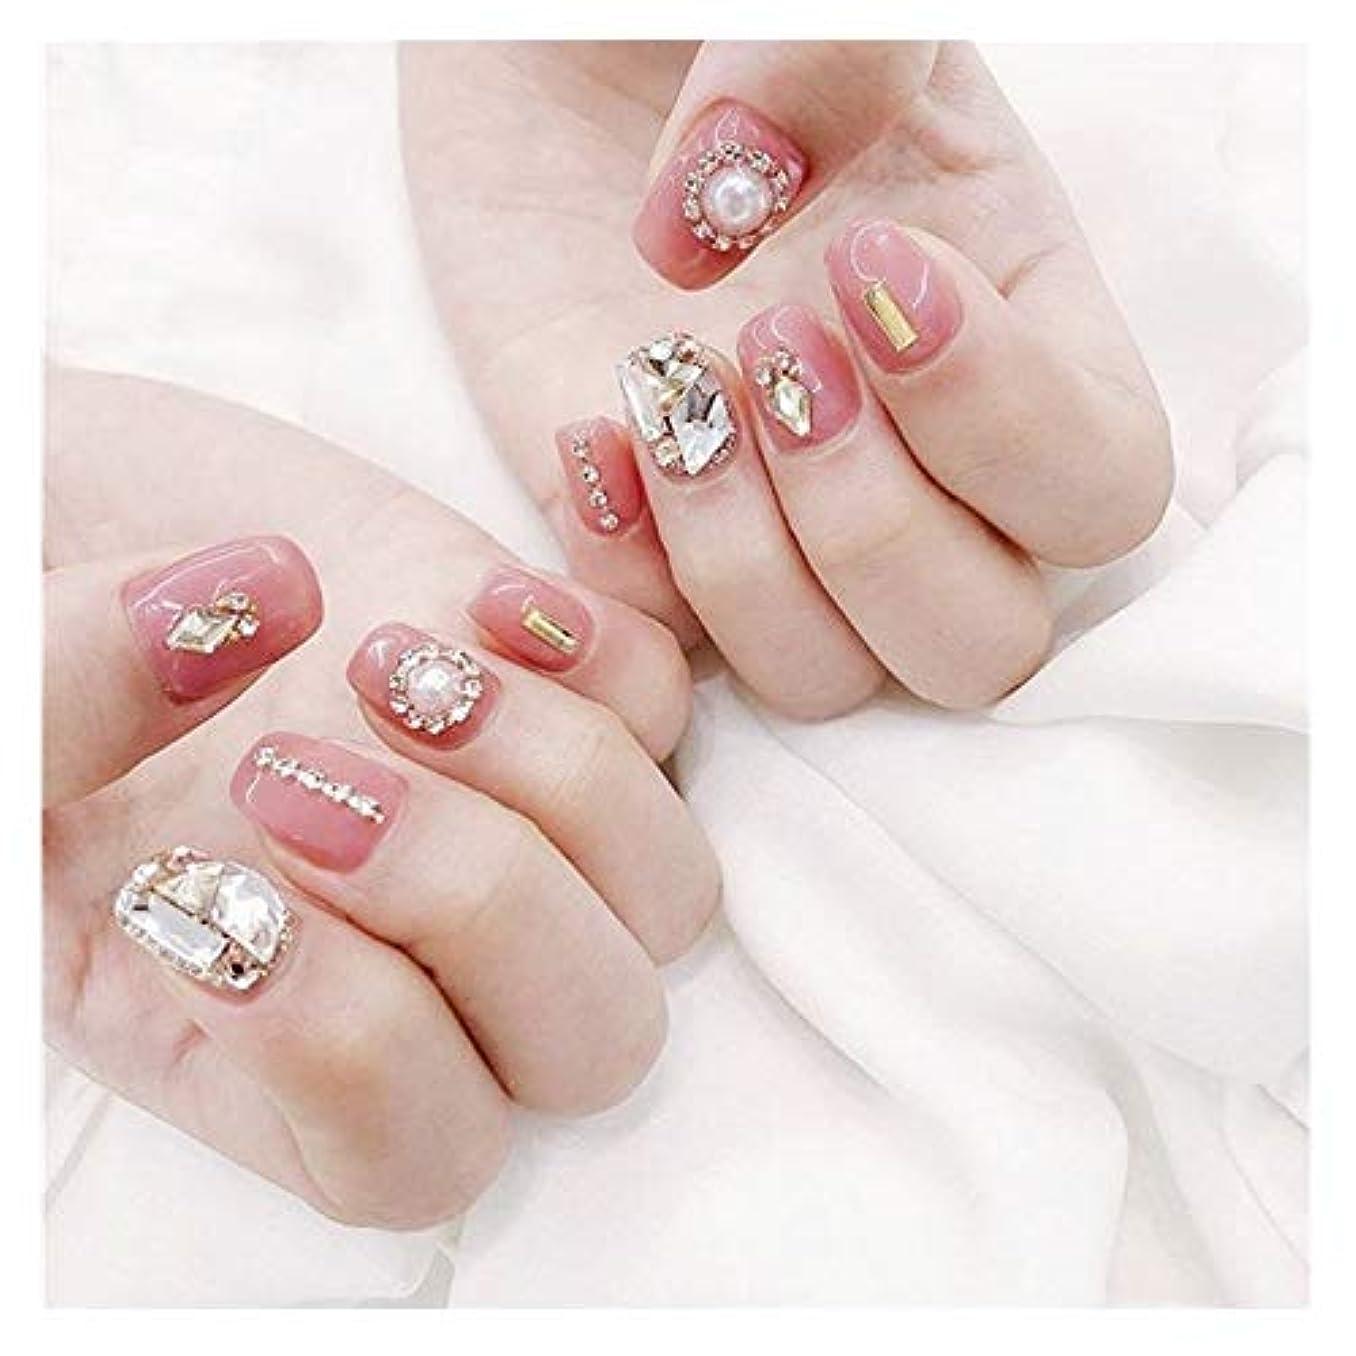 マイクジェスチャー十分にTAALESET ダイヤモンドのり偽の爪ピンクのかわいい花嫁フォトスタジオ完成ネイル偽の釘 (色 : 24 pieces)